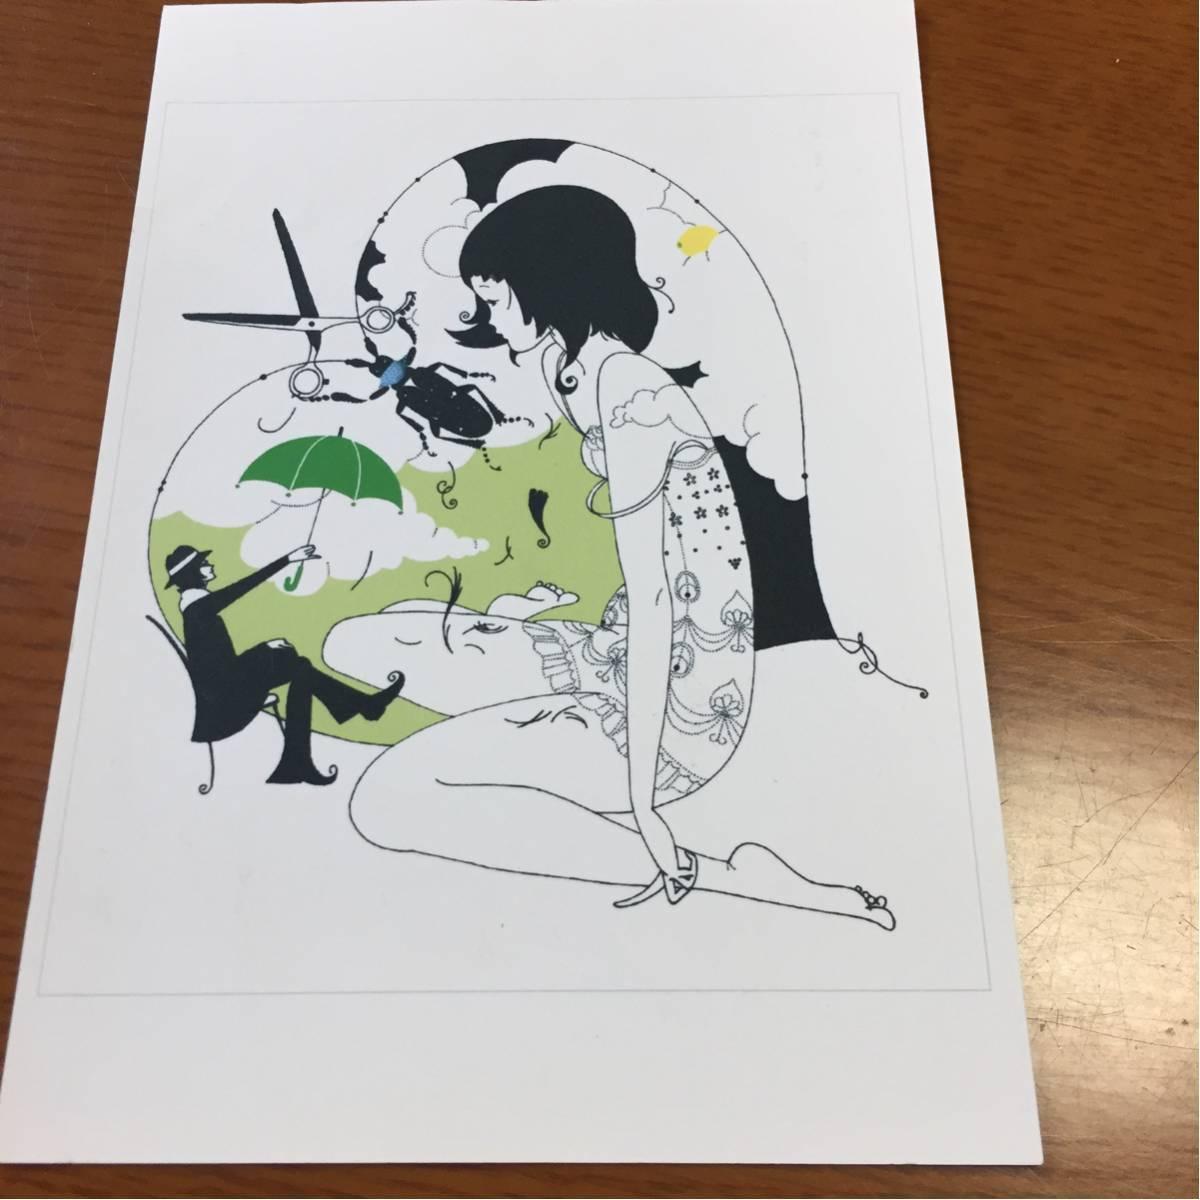 формат японская открытка размер статье разберемся